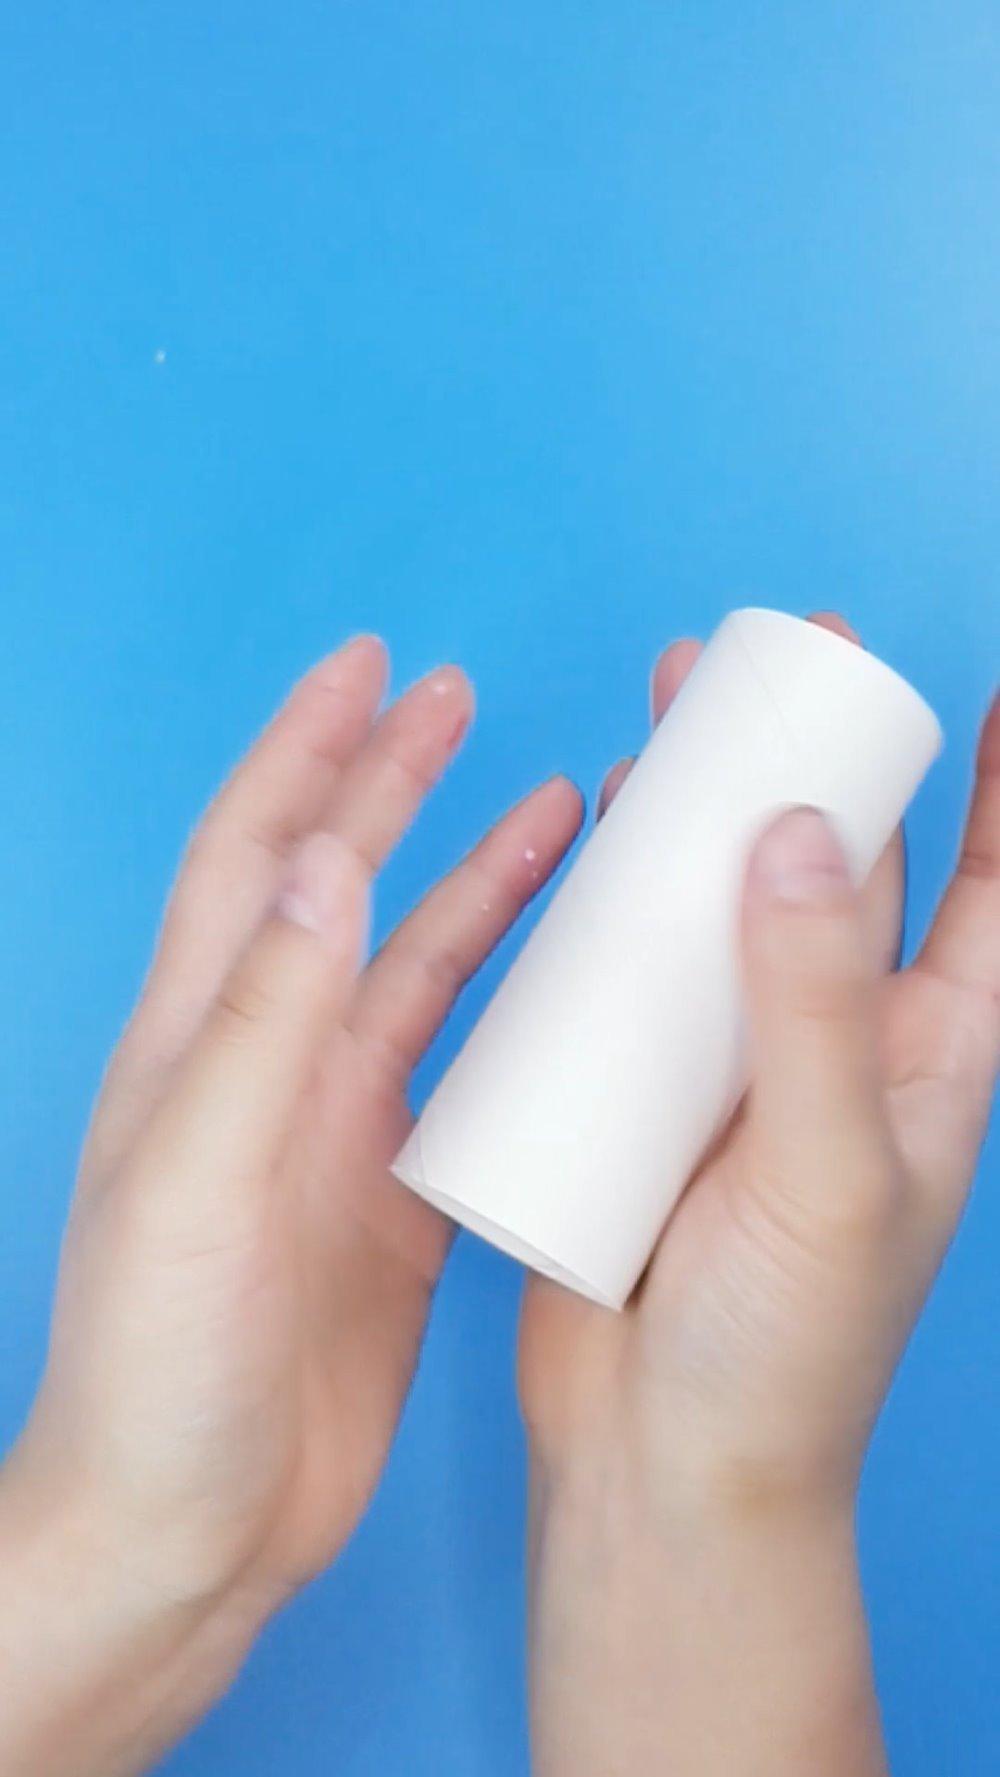 卫生纸筒新玩法,激发3-6岁孩子创造力:玩转纸筒花